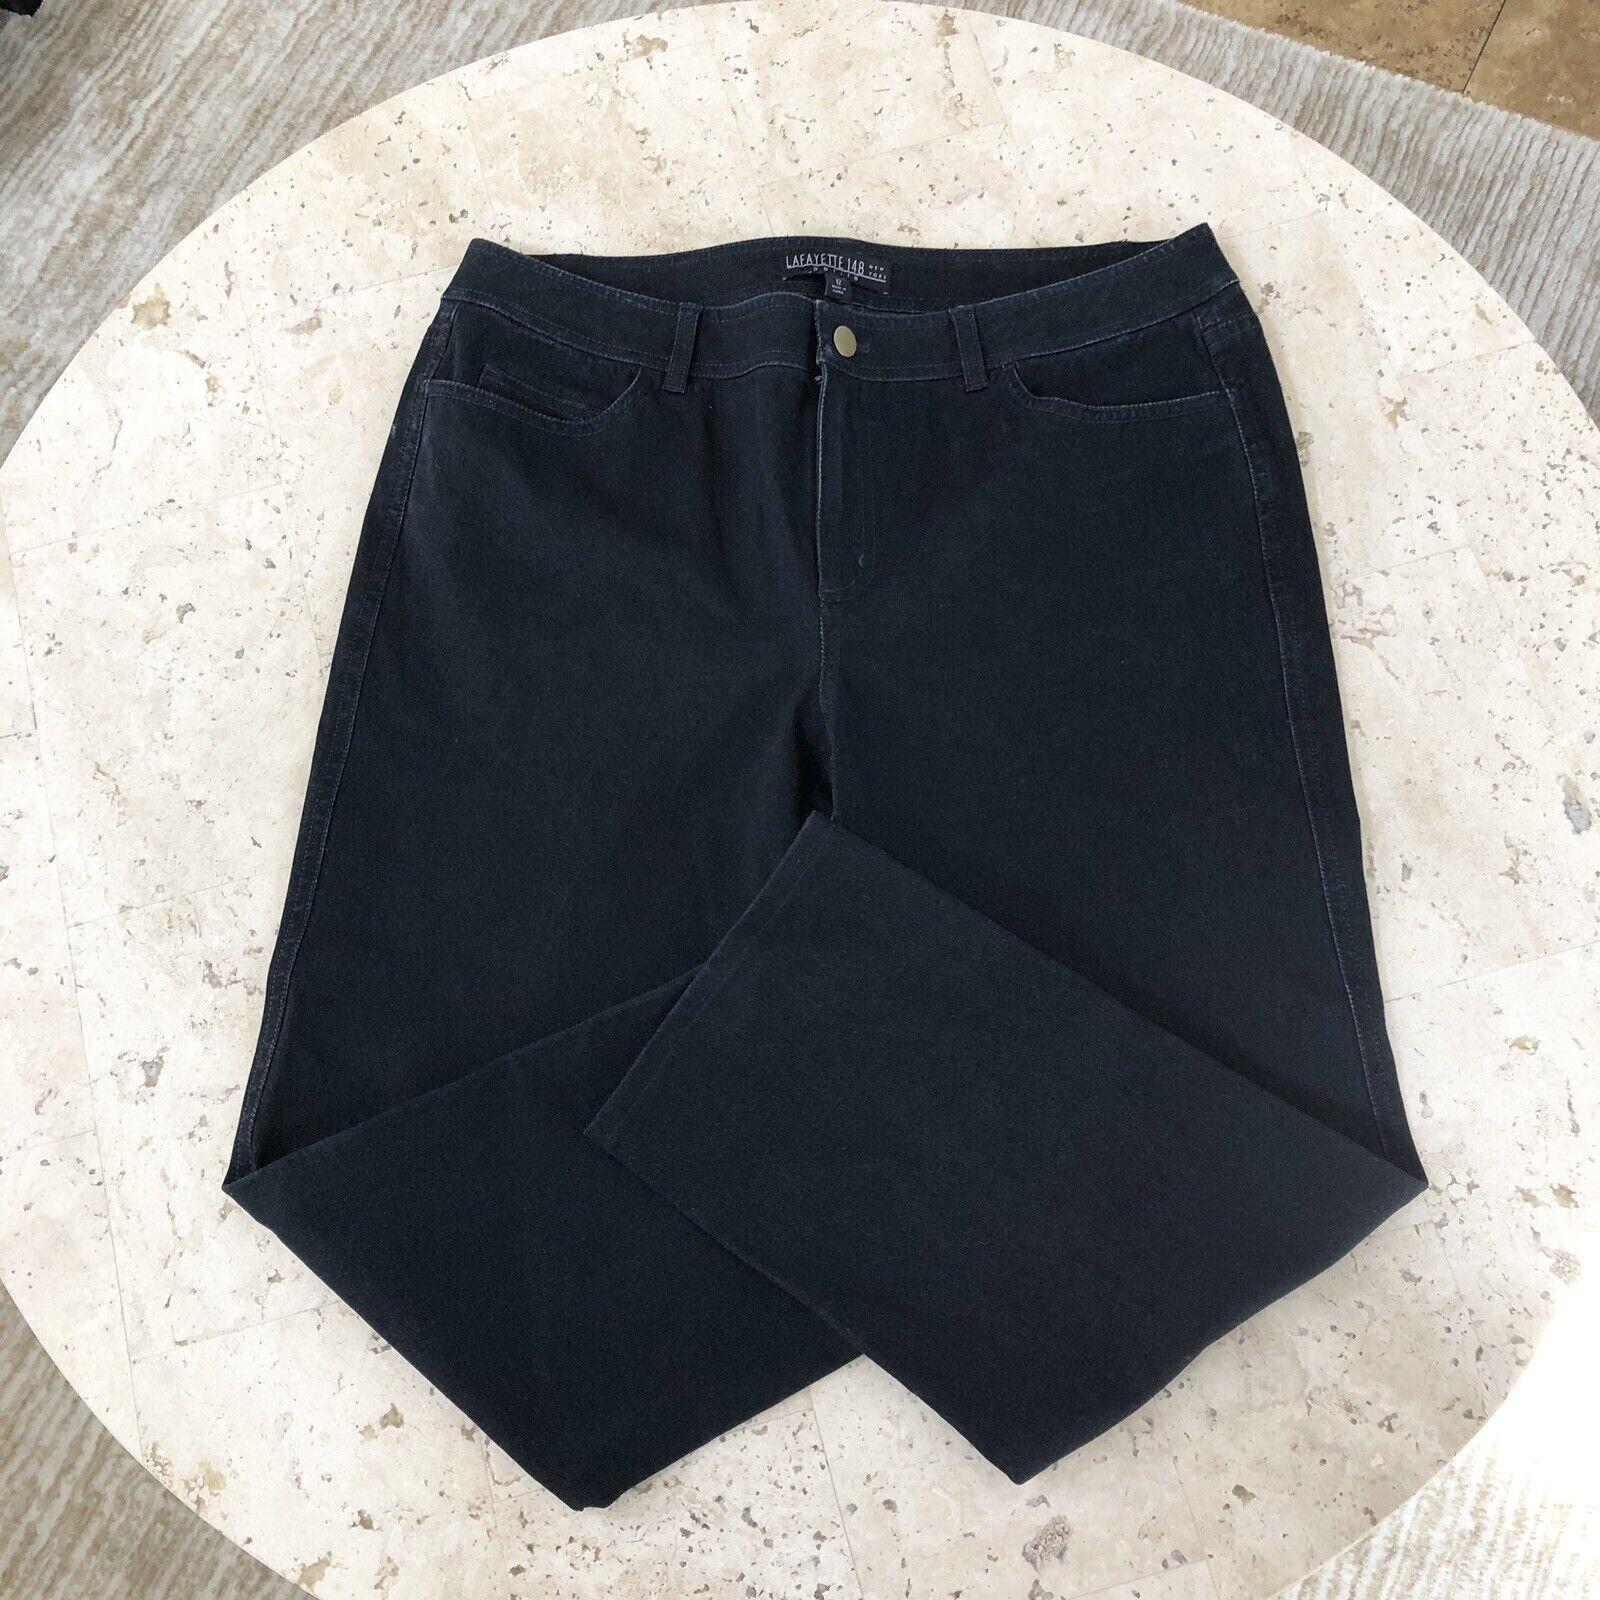 Lafayette 148 Crop Capri Jeans Size 12 NWOT bluee Dark Wash Womens